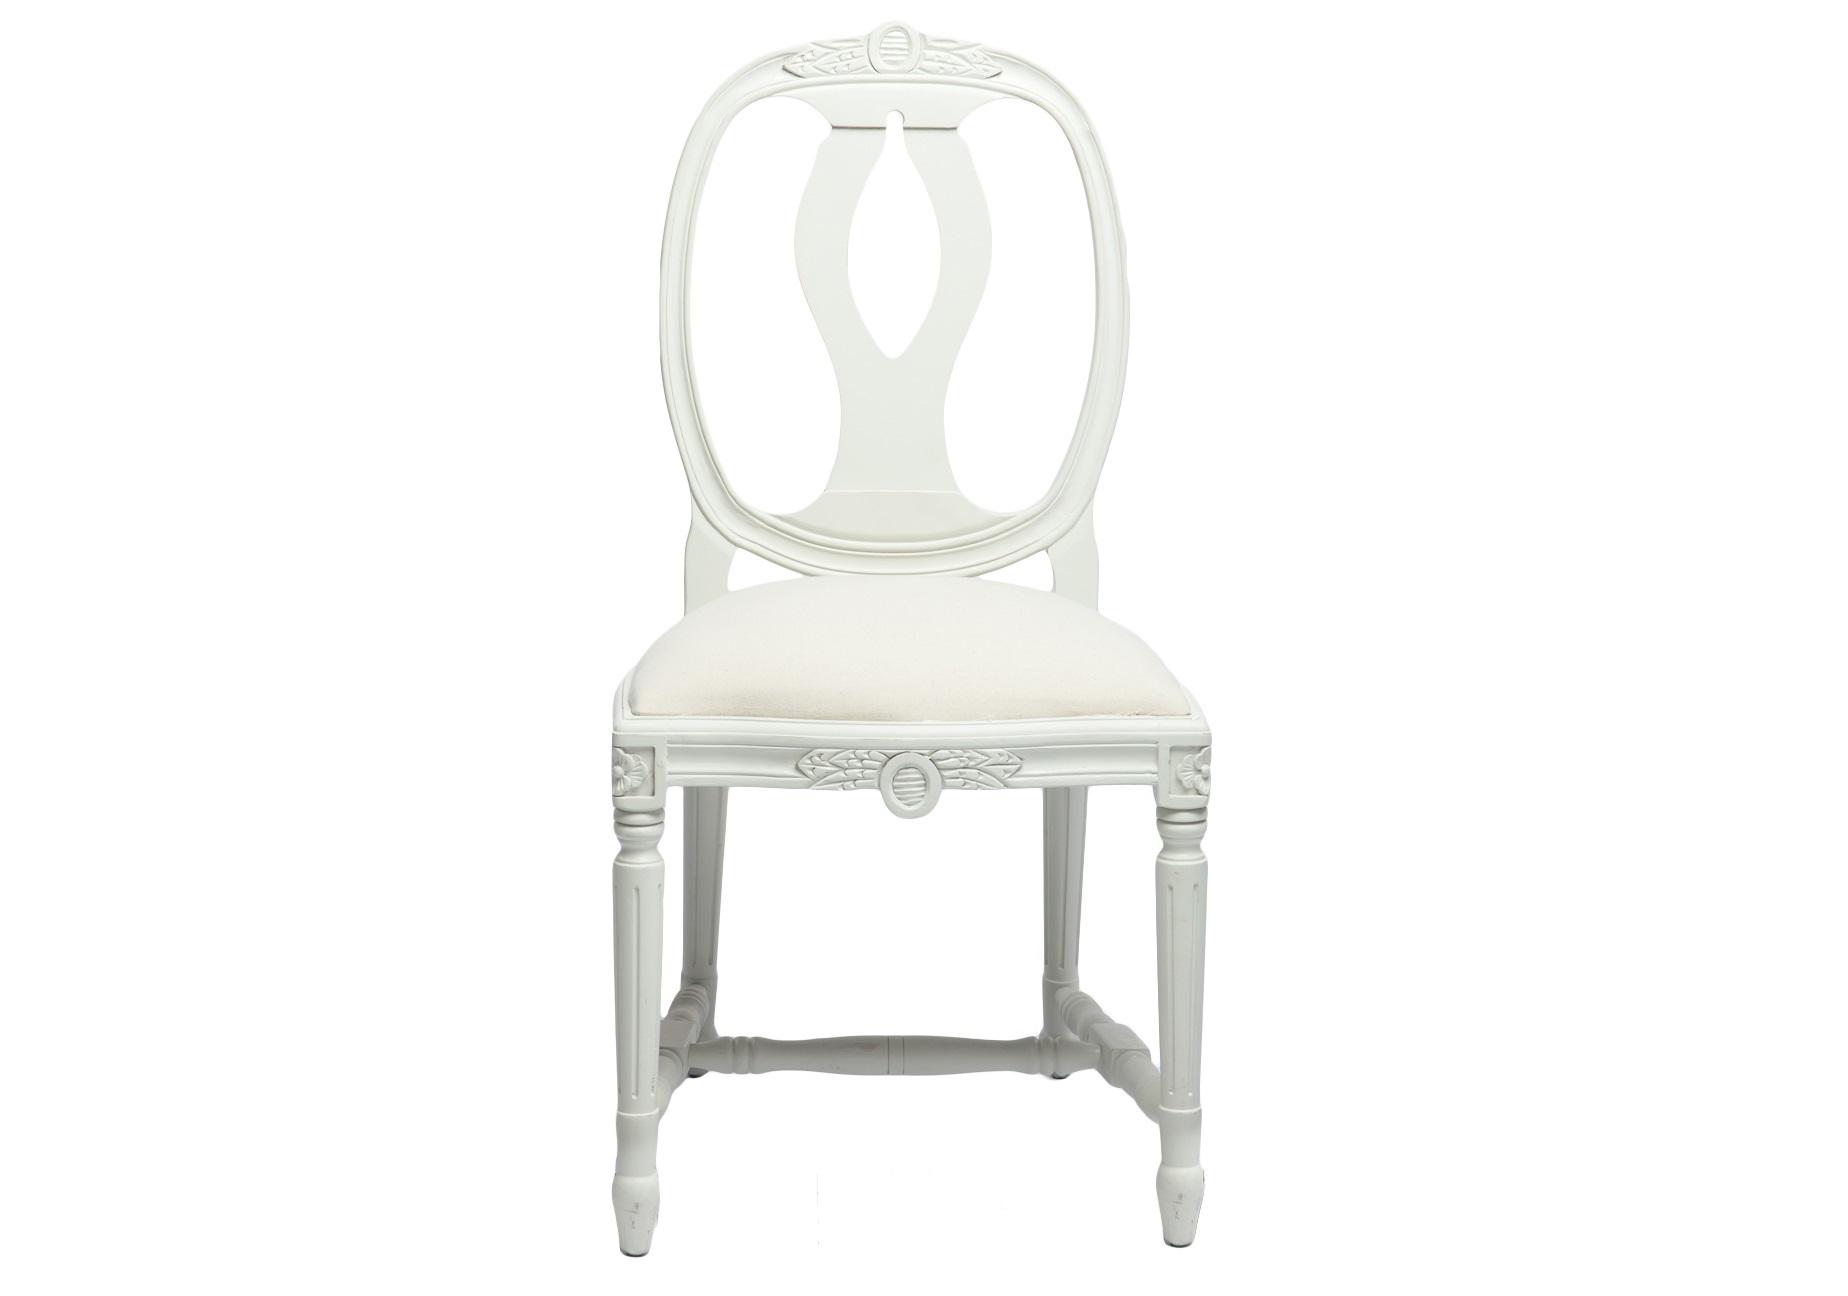 СтулОбеденные стулья<br>Стул из бука с однотонной обивкой на резных ножках, декорирован резьбой ручной работы.<br><br>Material: Бук<br>Width см: 49<br>Depth см: 48<br>Height см: 95